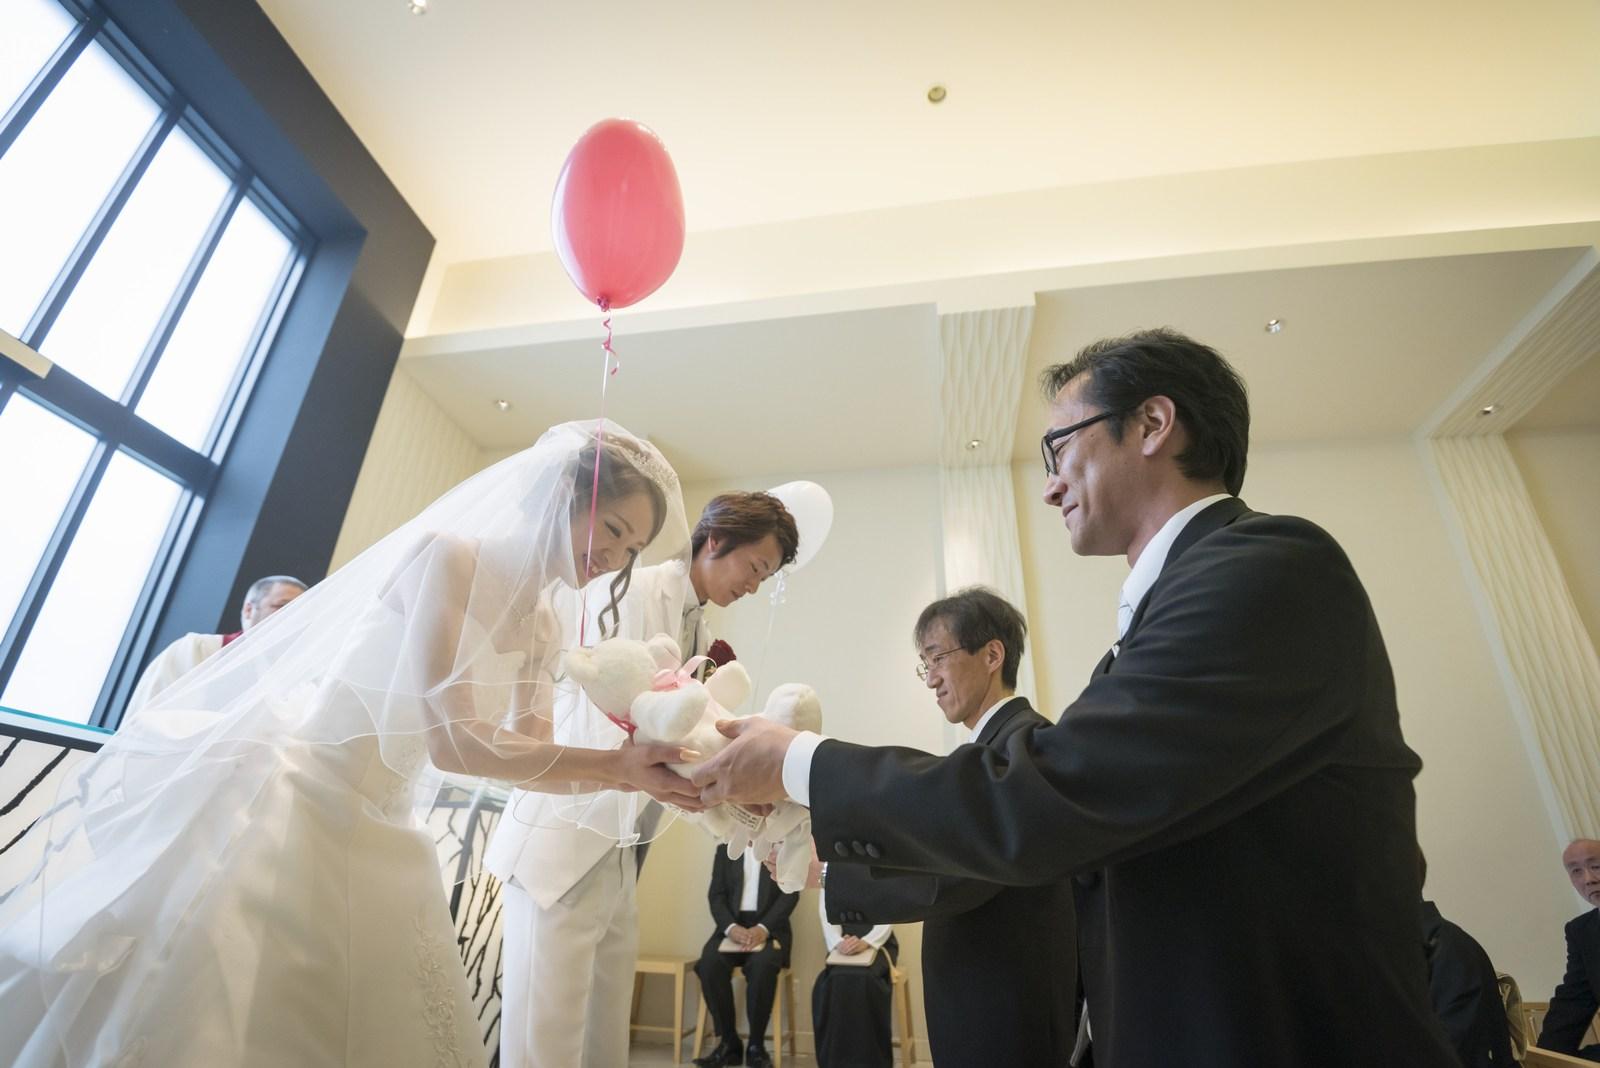 高松市の結婚式場アイルバレクラブの挙式でリングベアーを両家のお父様からお二人へ